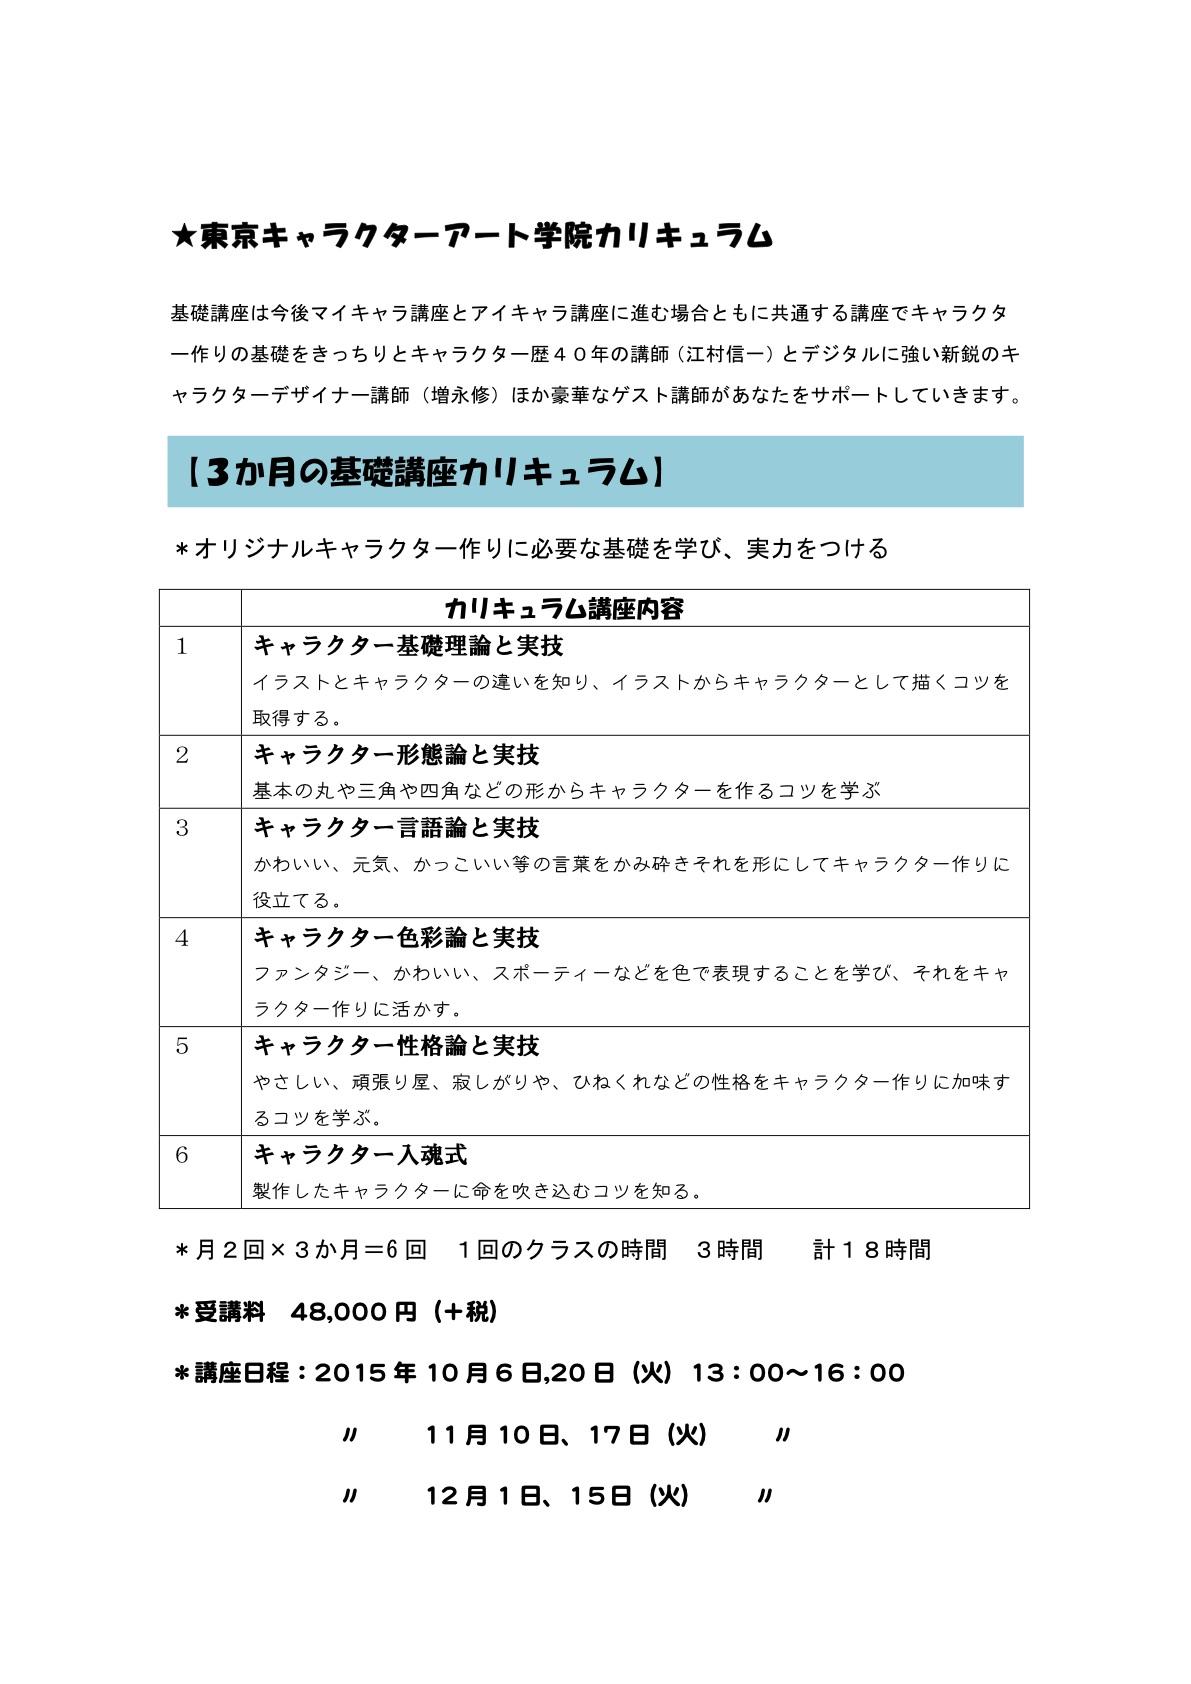 東京キャラクターアート学院のプレ講座_e0082852_1035455.jpg